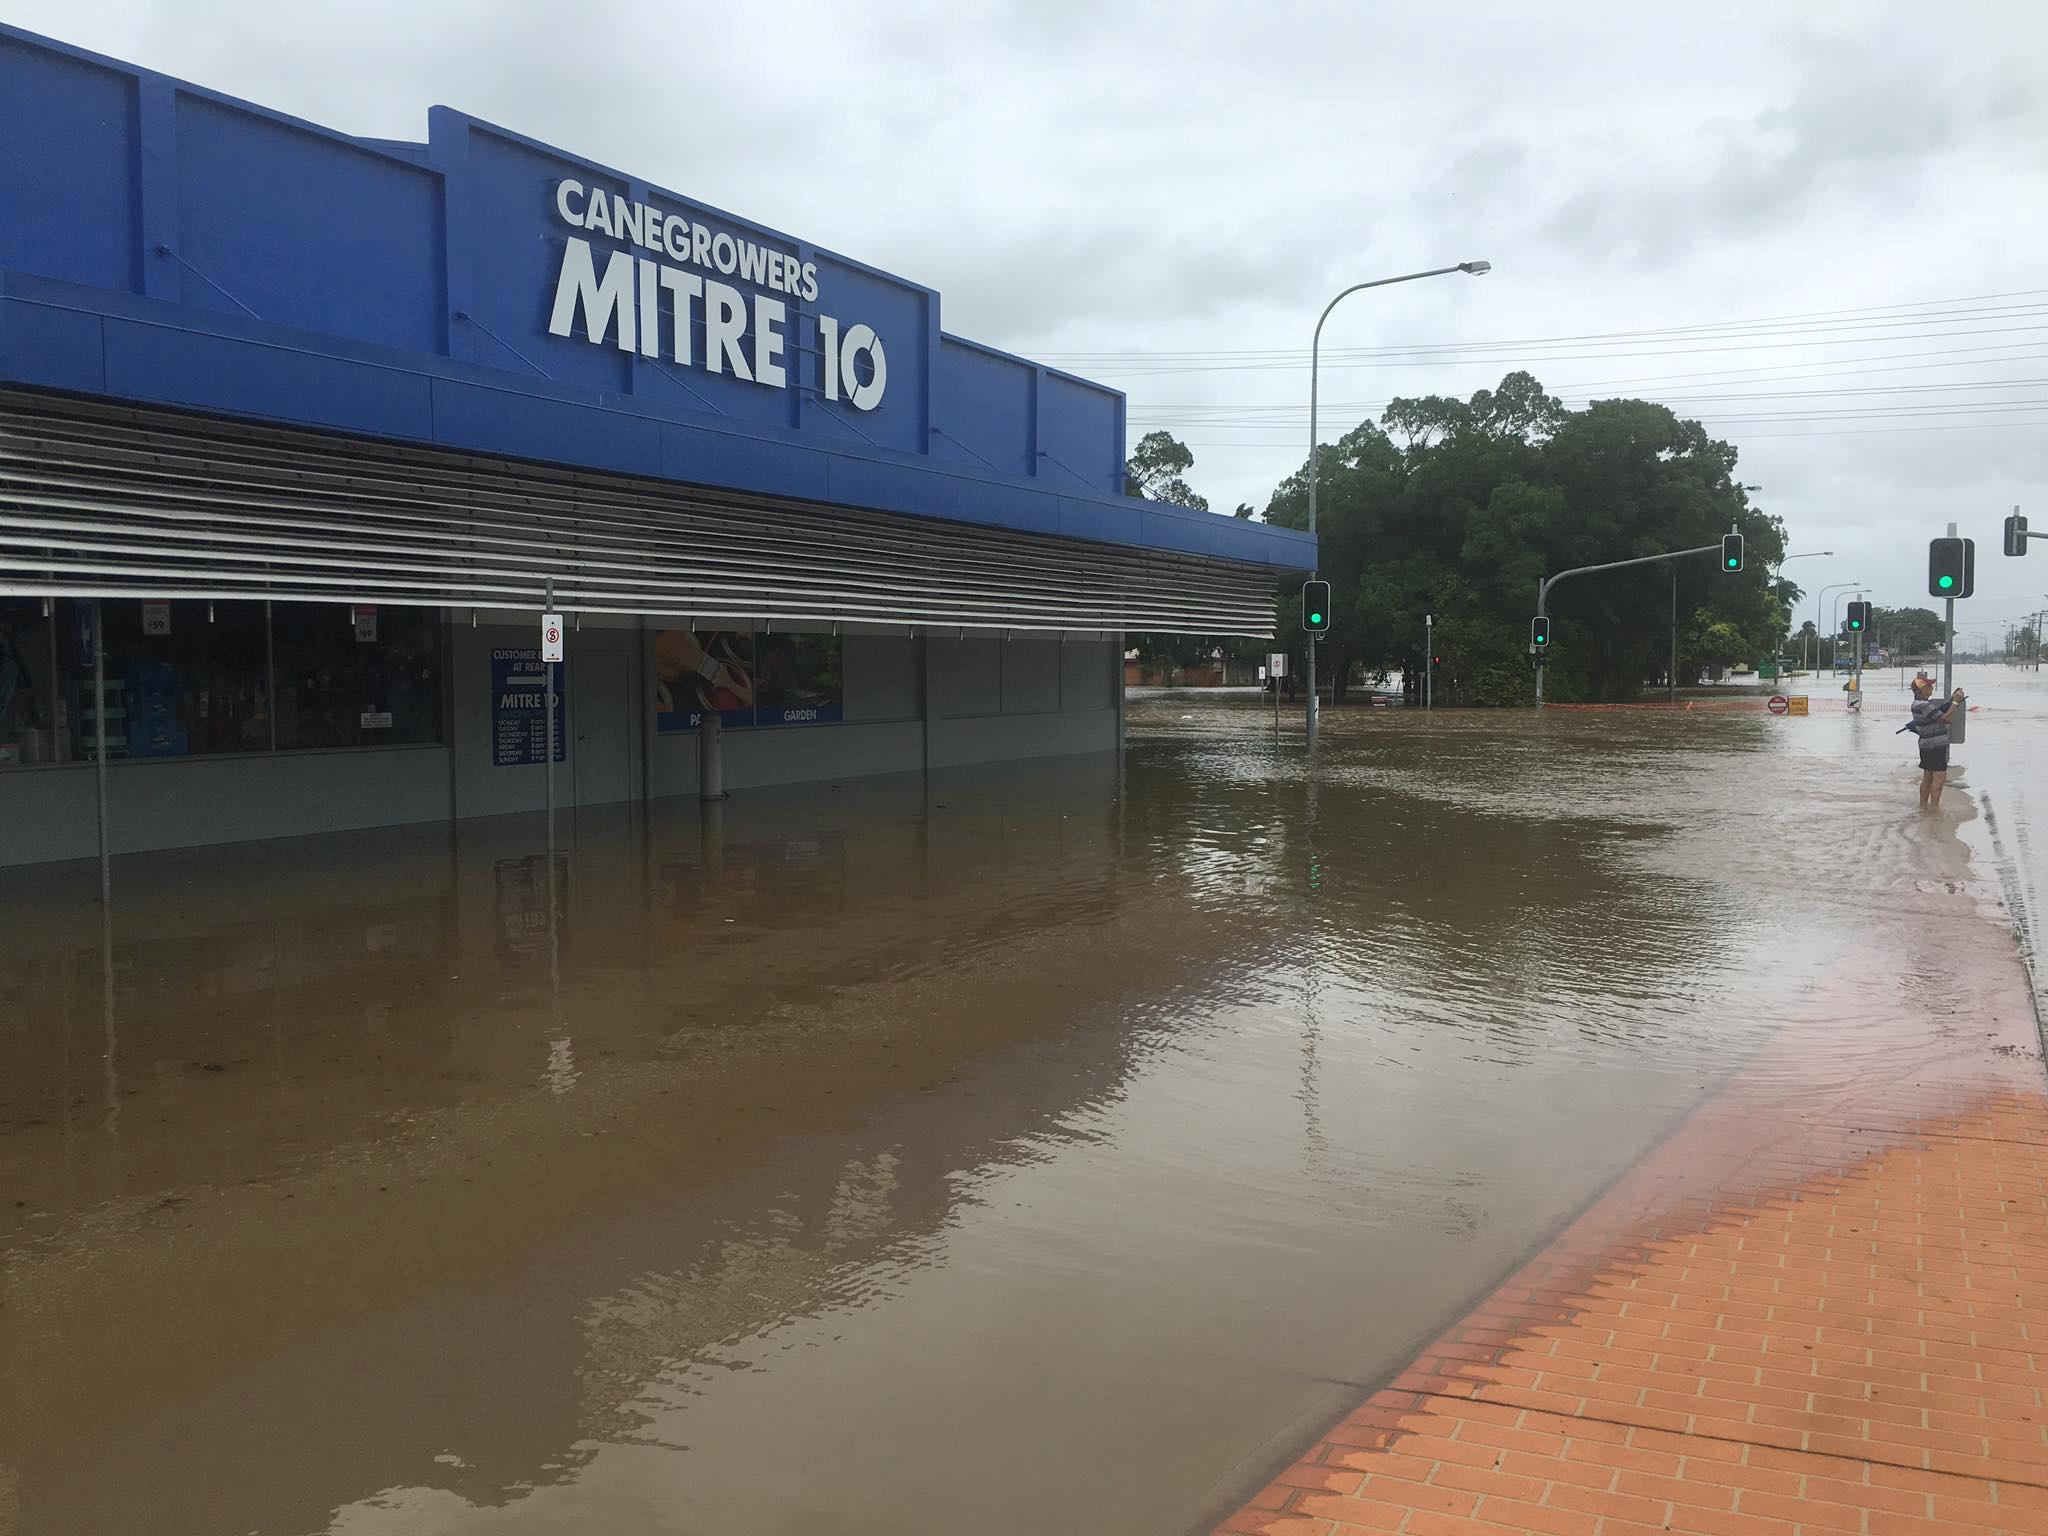 صور فيضانات مدمرة تجتاح أستراليا  633592-جانب-من-الفيضانات